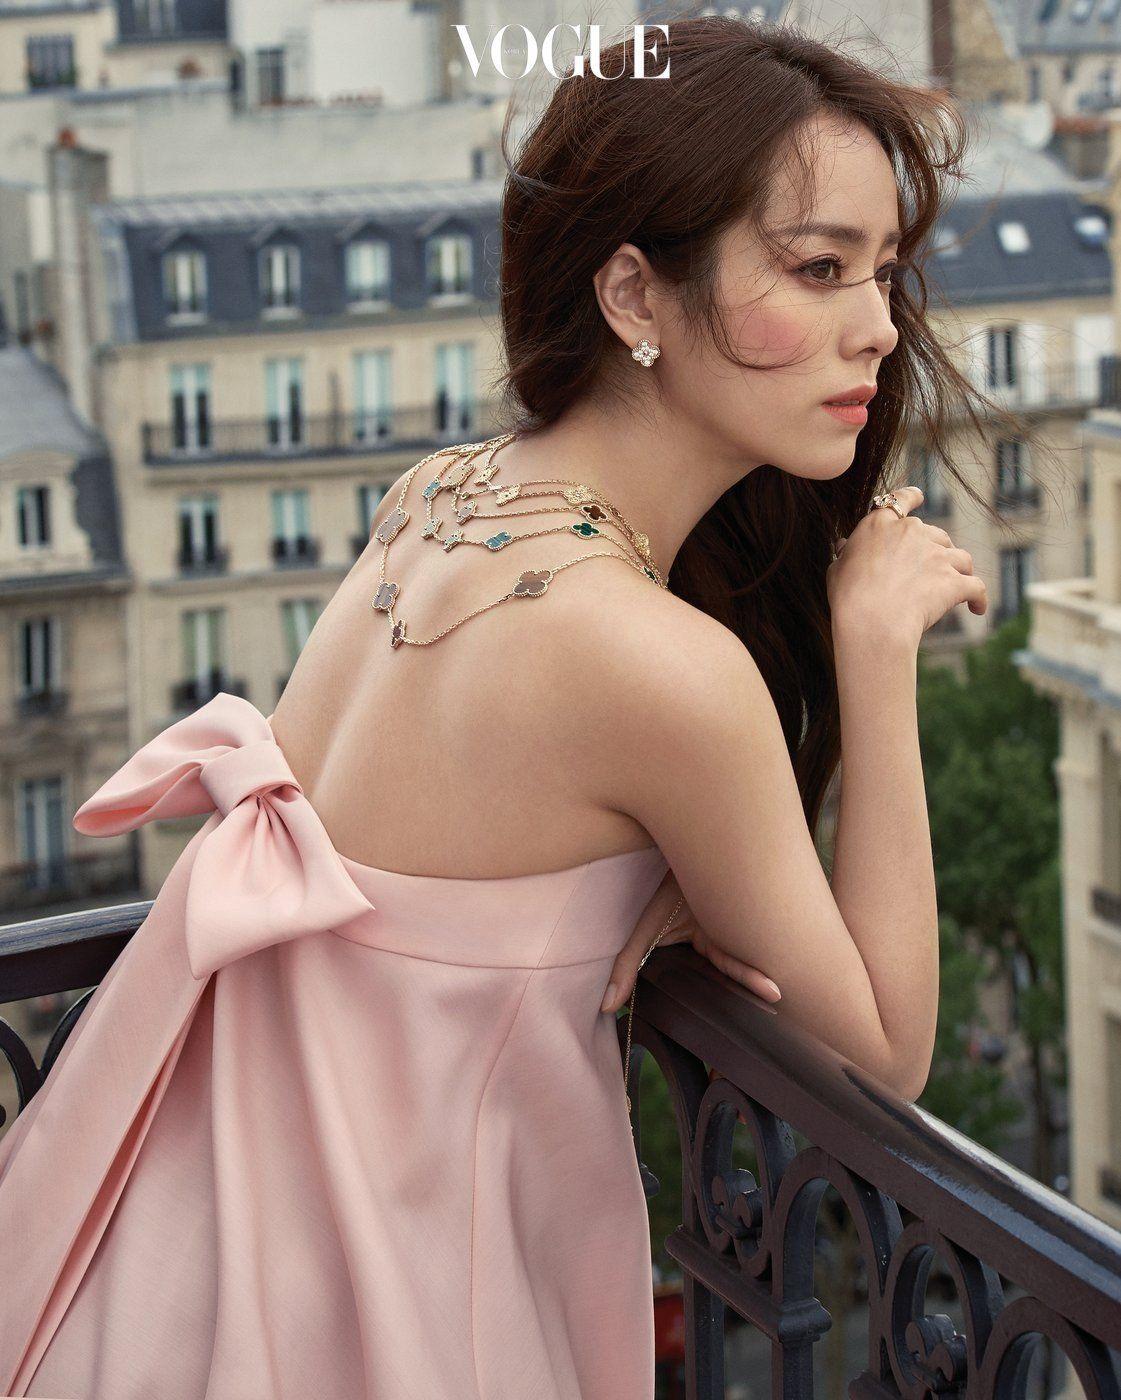 Uee and kim hyun joong dating 2019